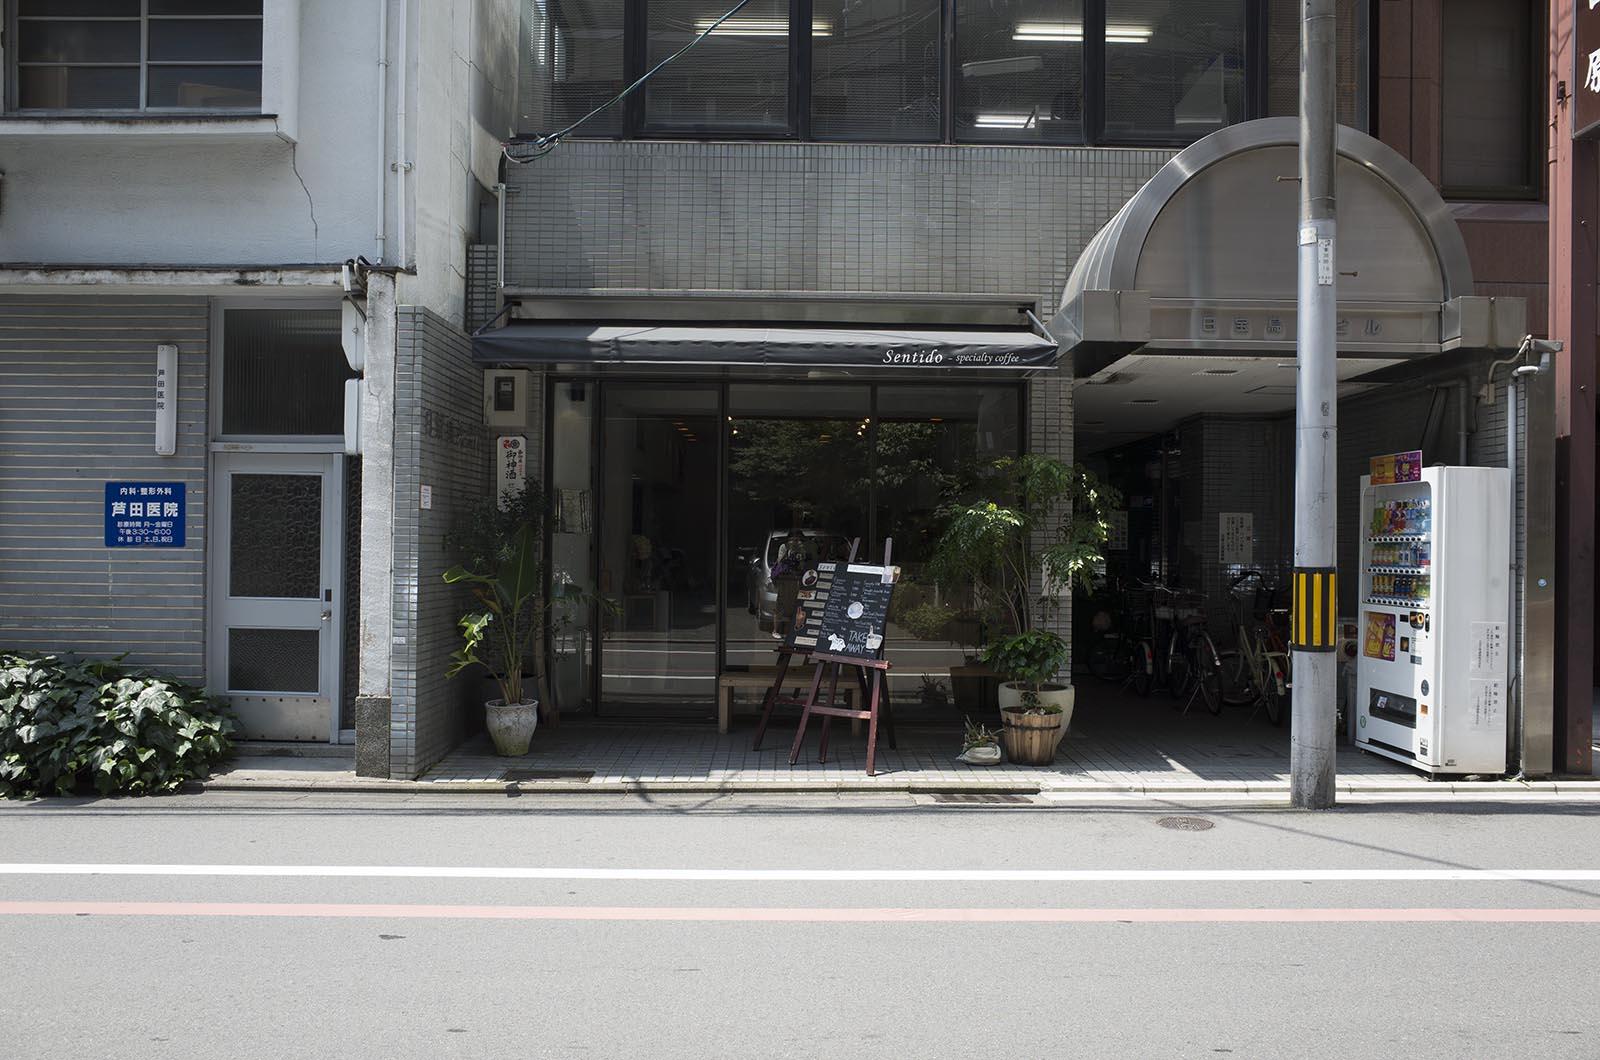 烏丸御池コーヒー・Sentido